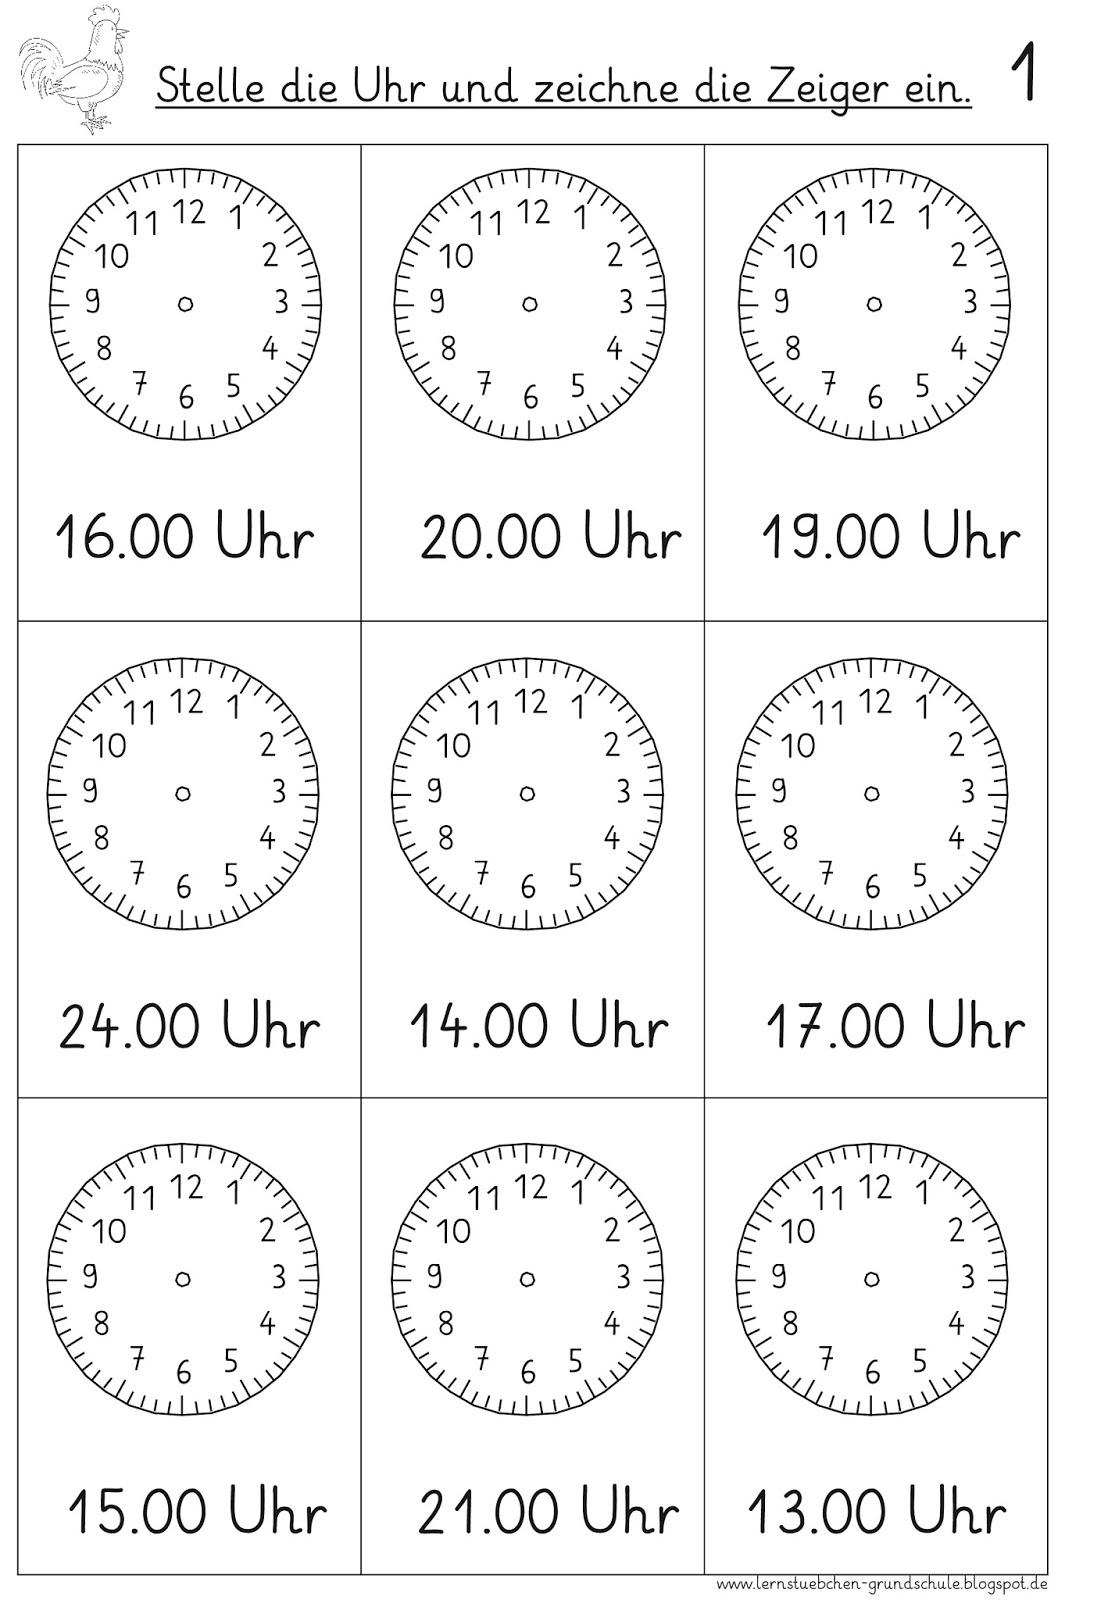 Lernstubchen Vorgegebene Uhrzeiten Einstellen 2